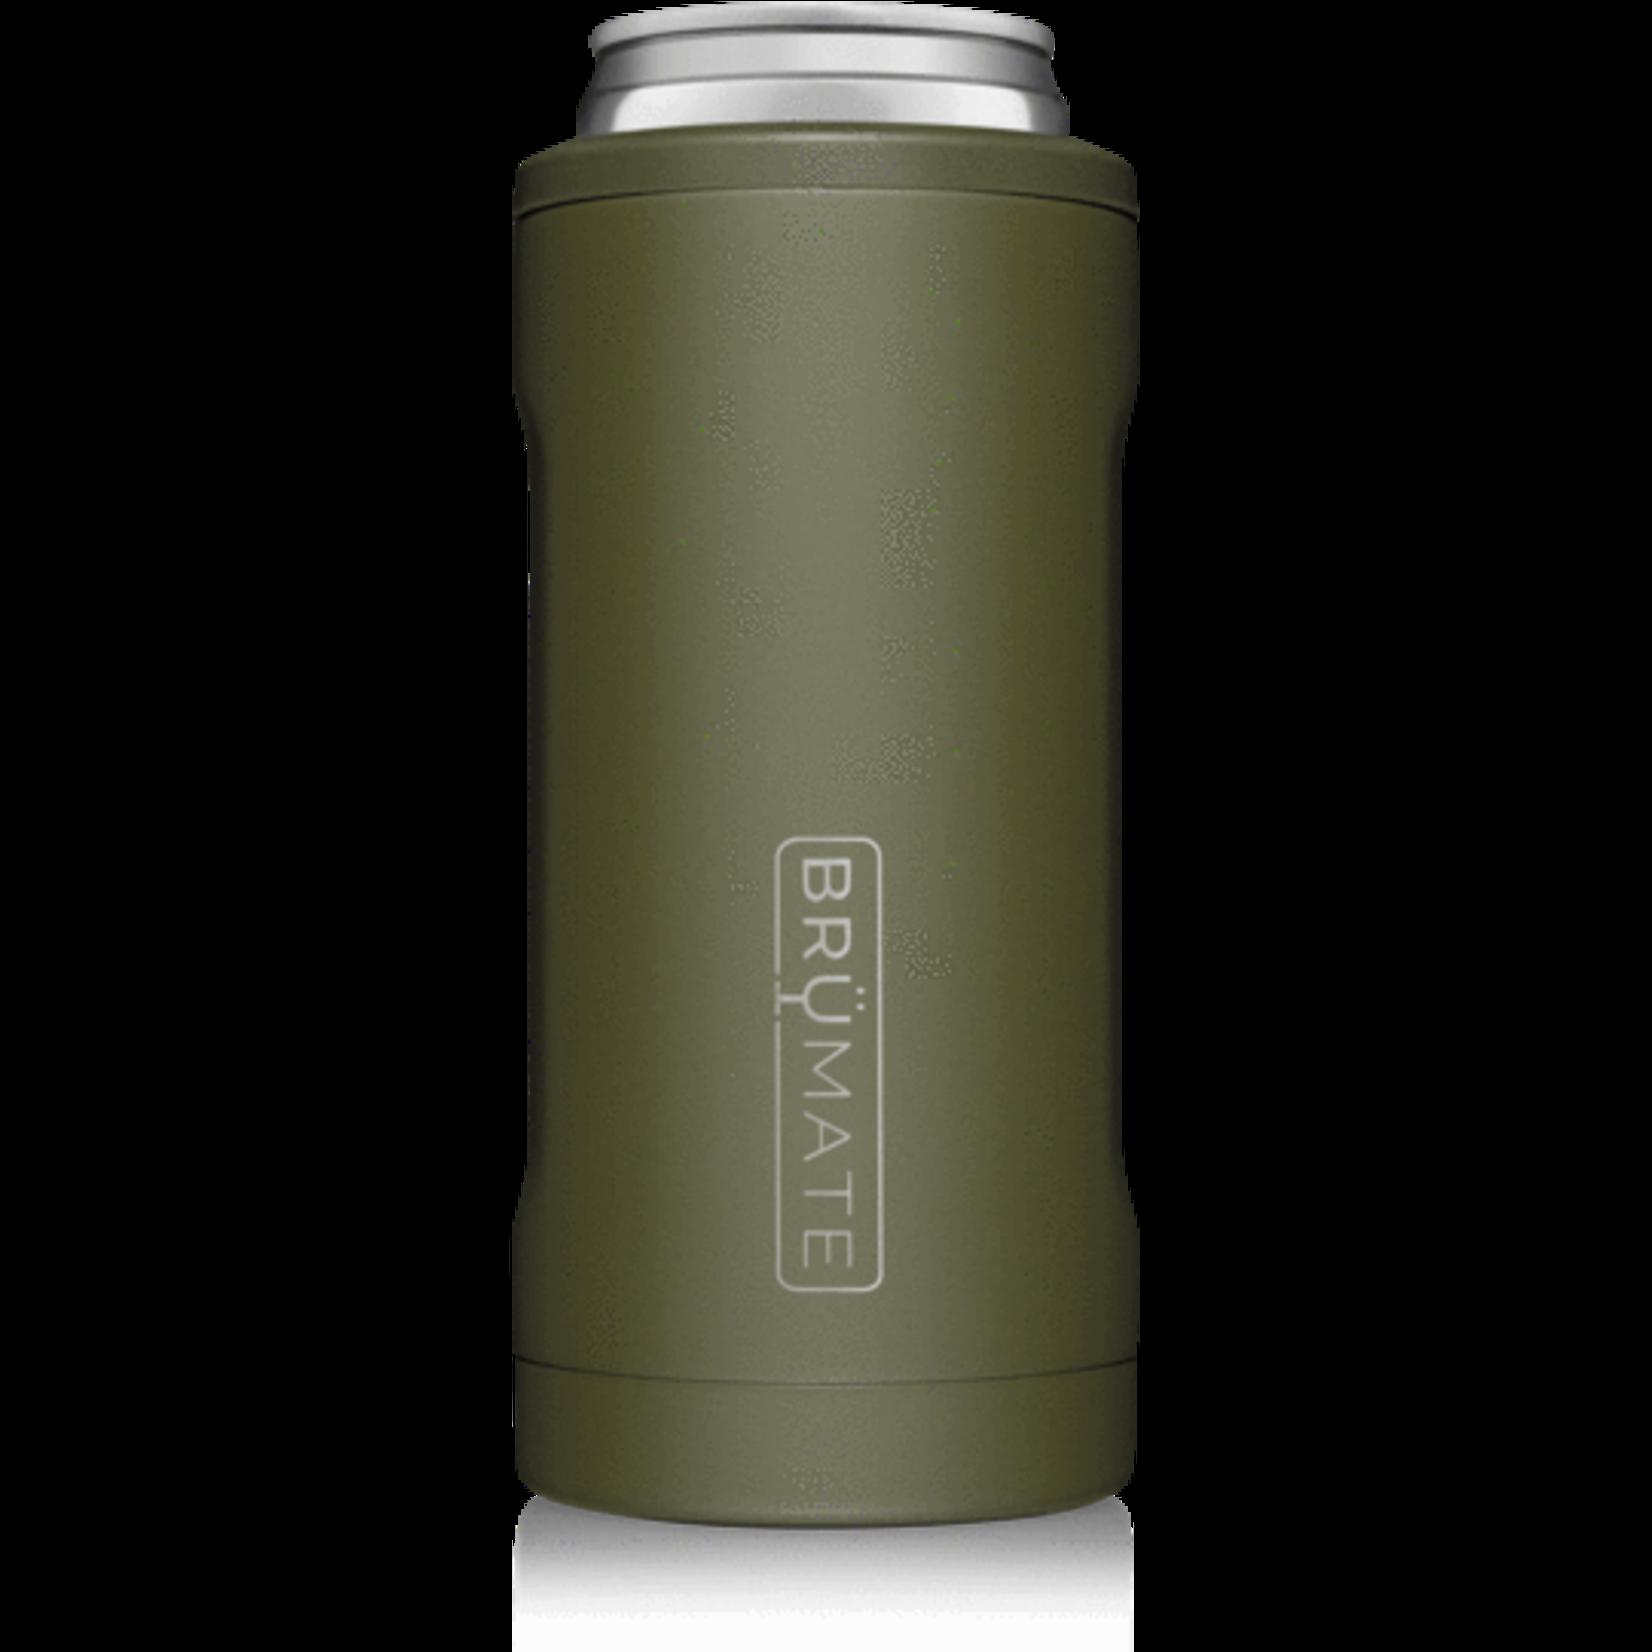 BrüMate Hopsulator Slim